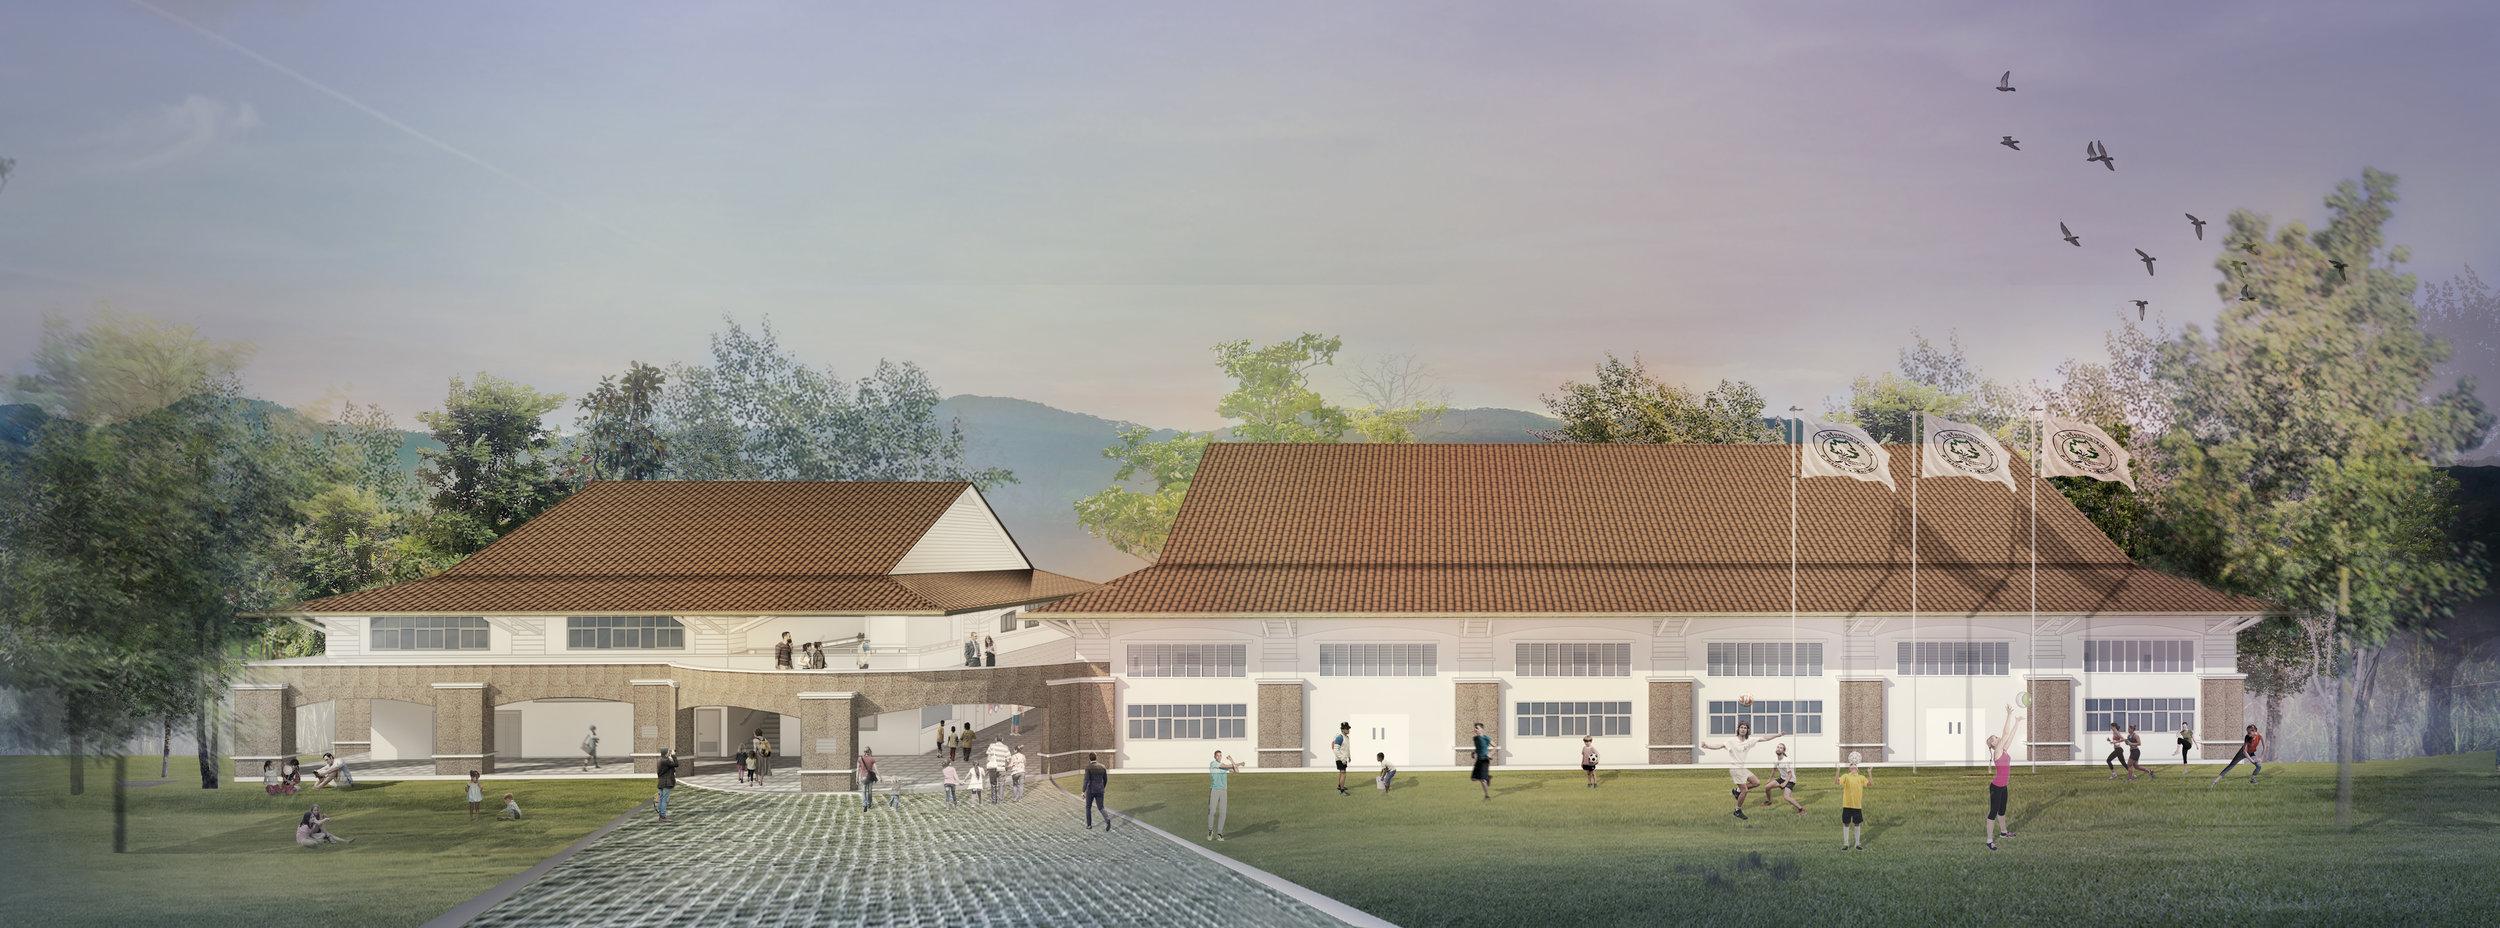 180525 SC Sport Centre.jpg